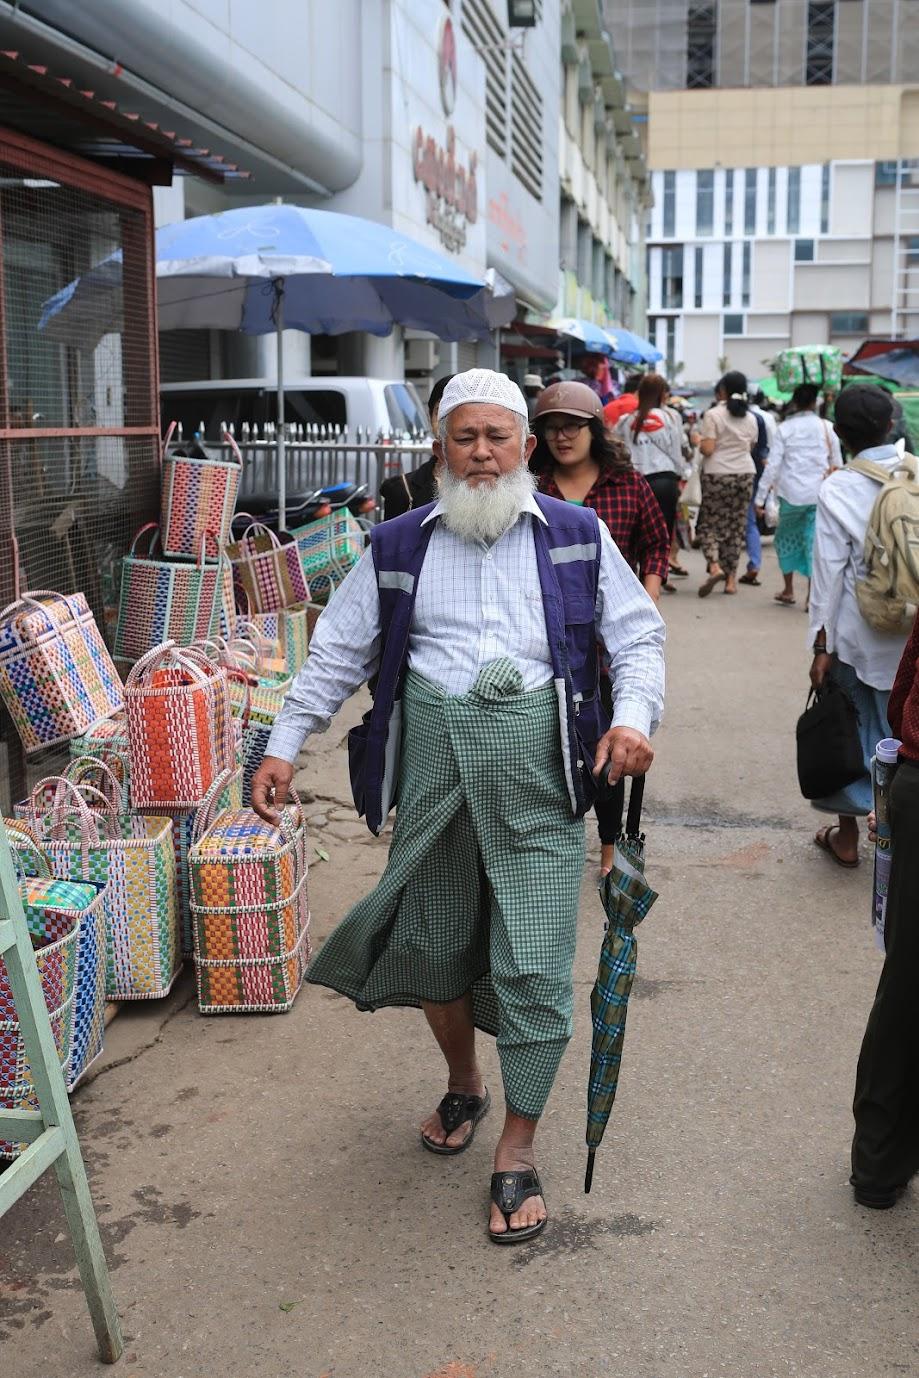 12일. 미얀마의 이방인들 – 미얀마의 무슬림